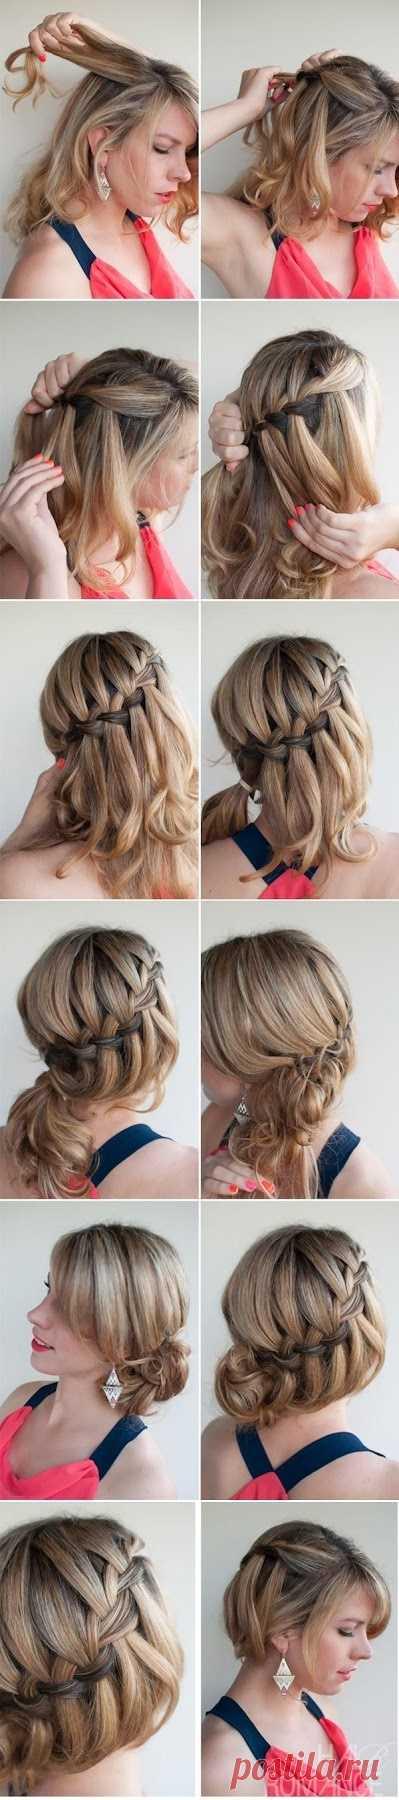 плетение косичек на волосах средней длины